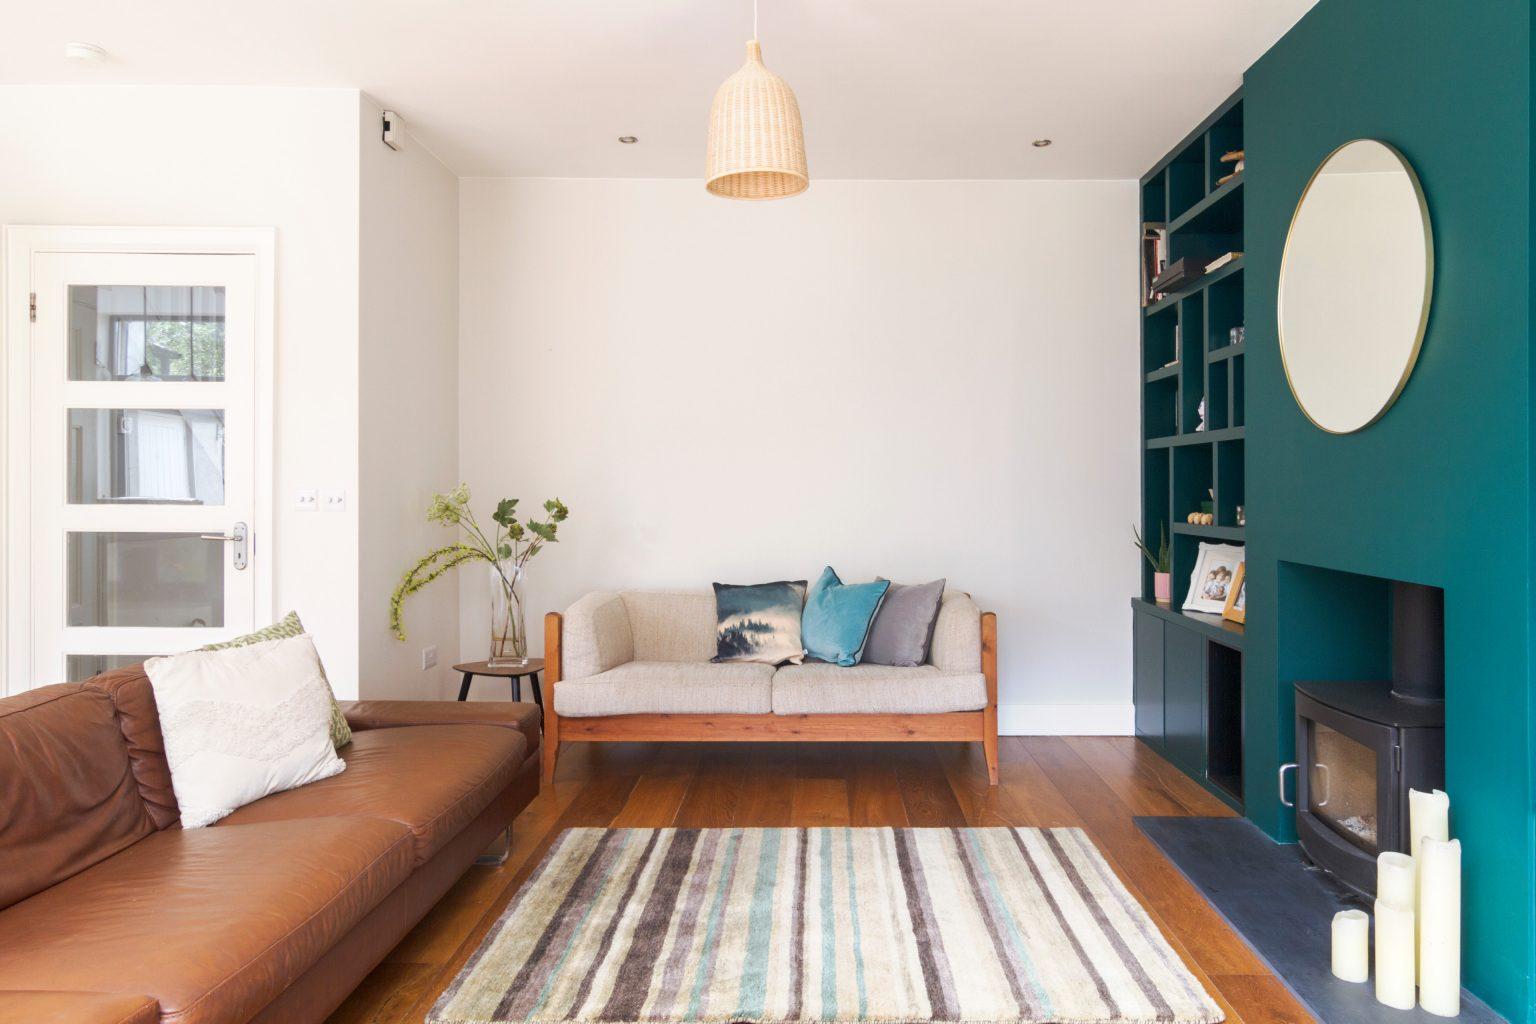 Top 20 Interior Designers in Dublin (15) interior designers Top 20 Interior Designers in Dublin Top 20 Interior Designers in Dublin 15